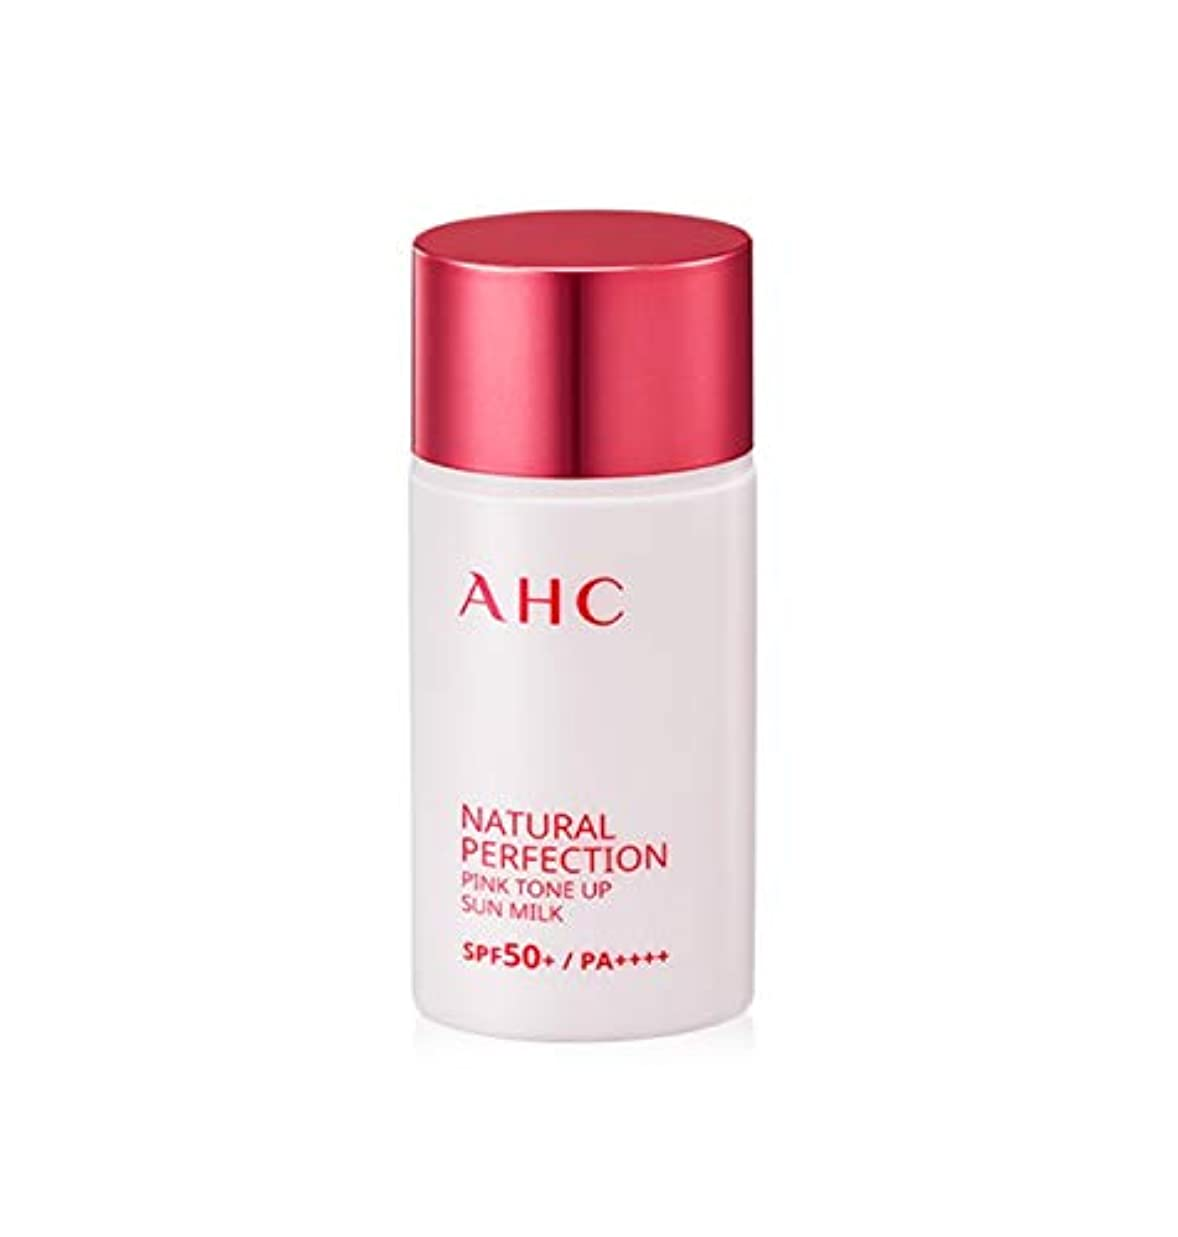 そよ風適応学習AHC ナチュラルパーフェクションピンクトンオプ線ミルク 40ml / AHC NATURAL PERFECTION PINK TONE UP SUN MILK 40ml [並行輸入品]